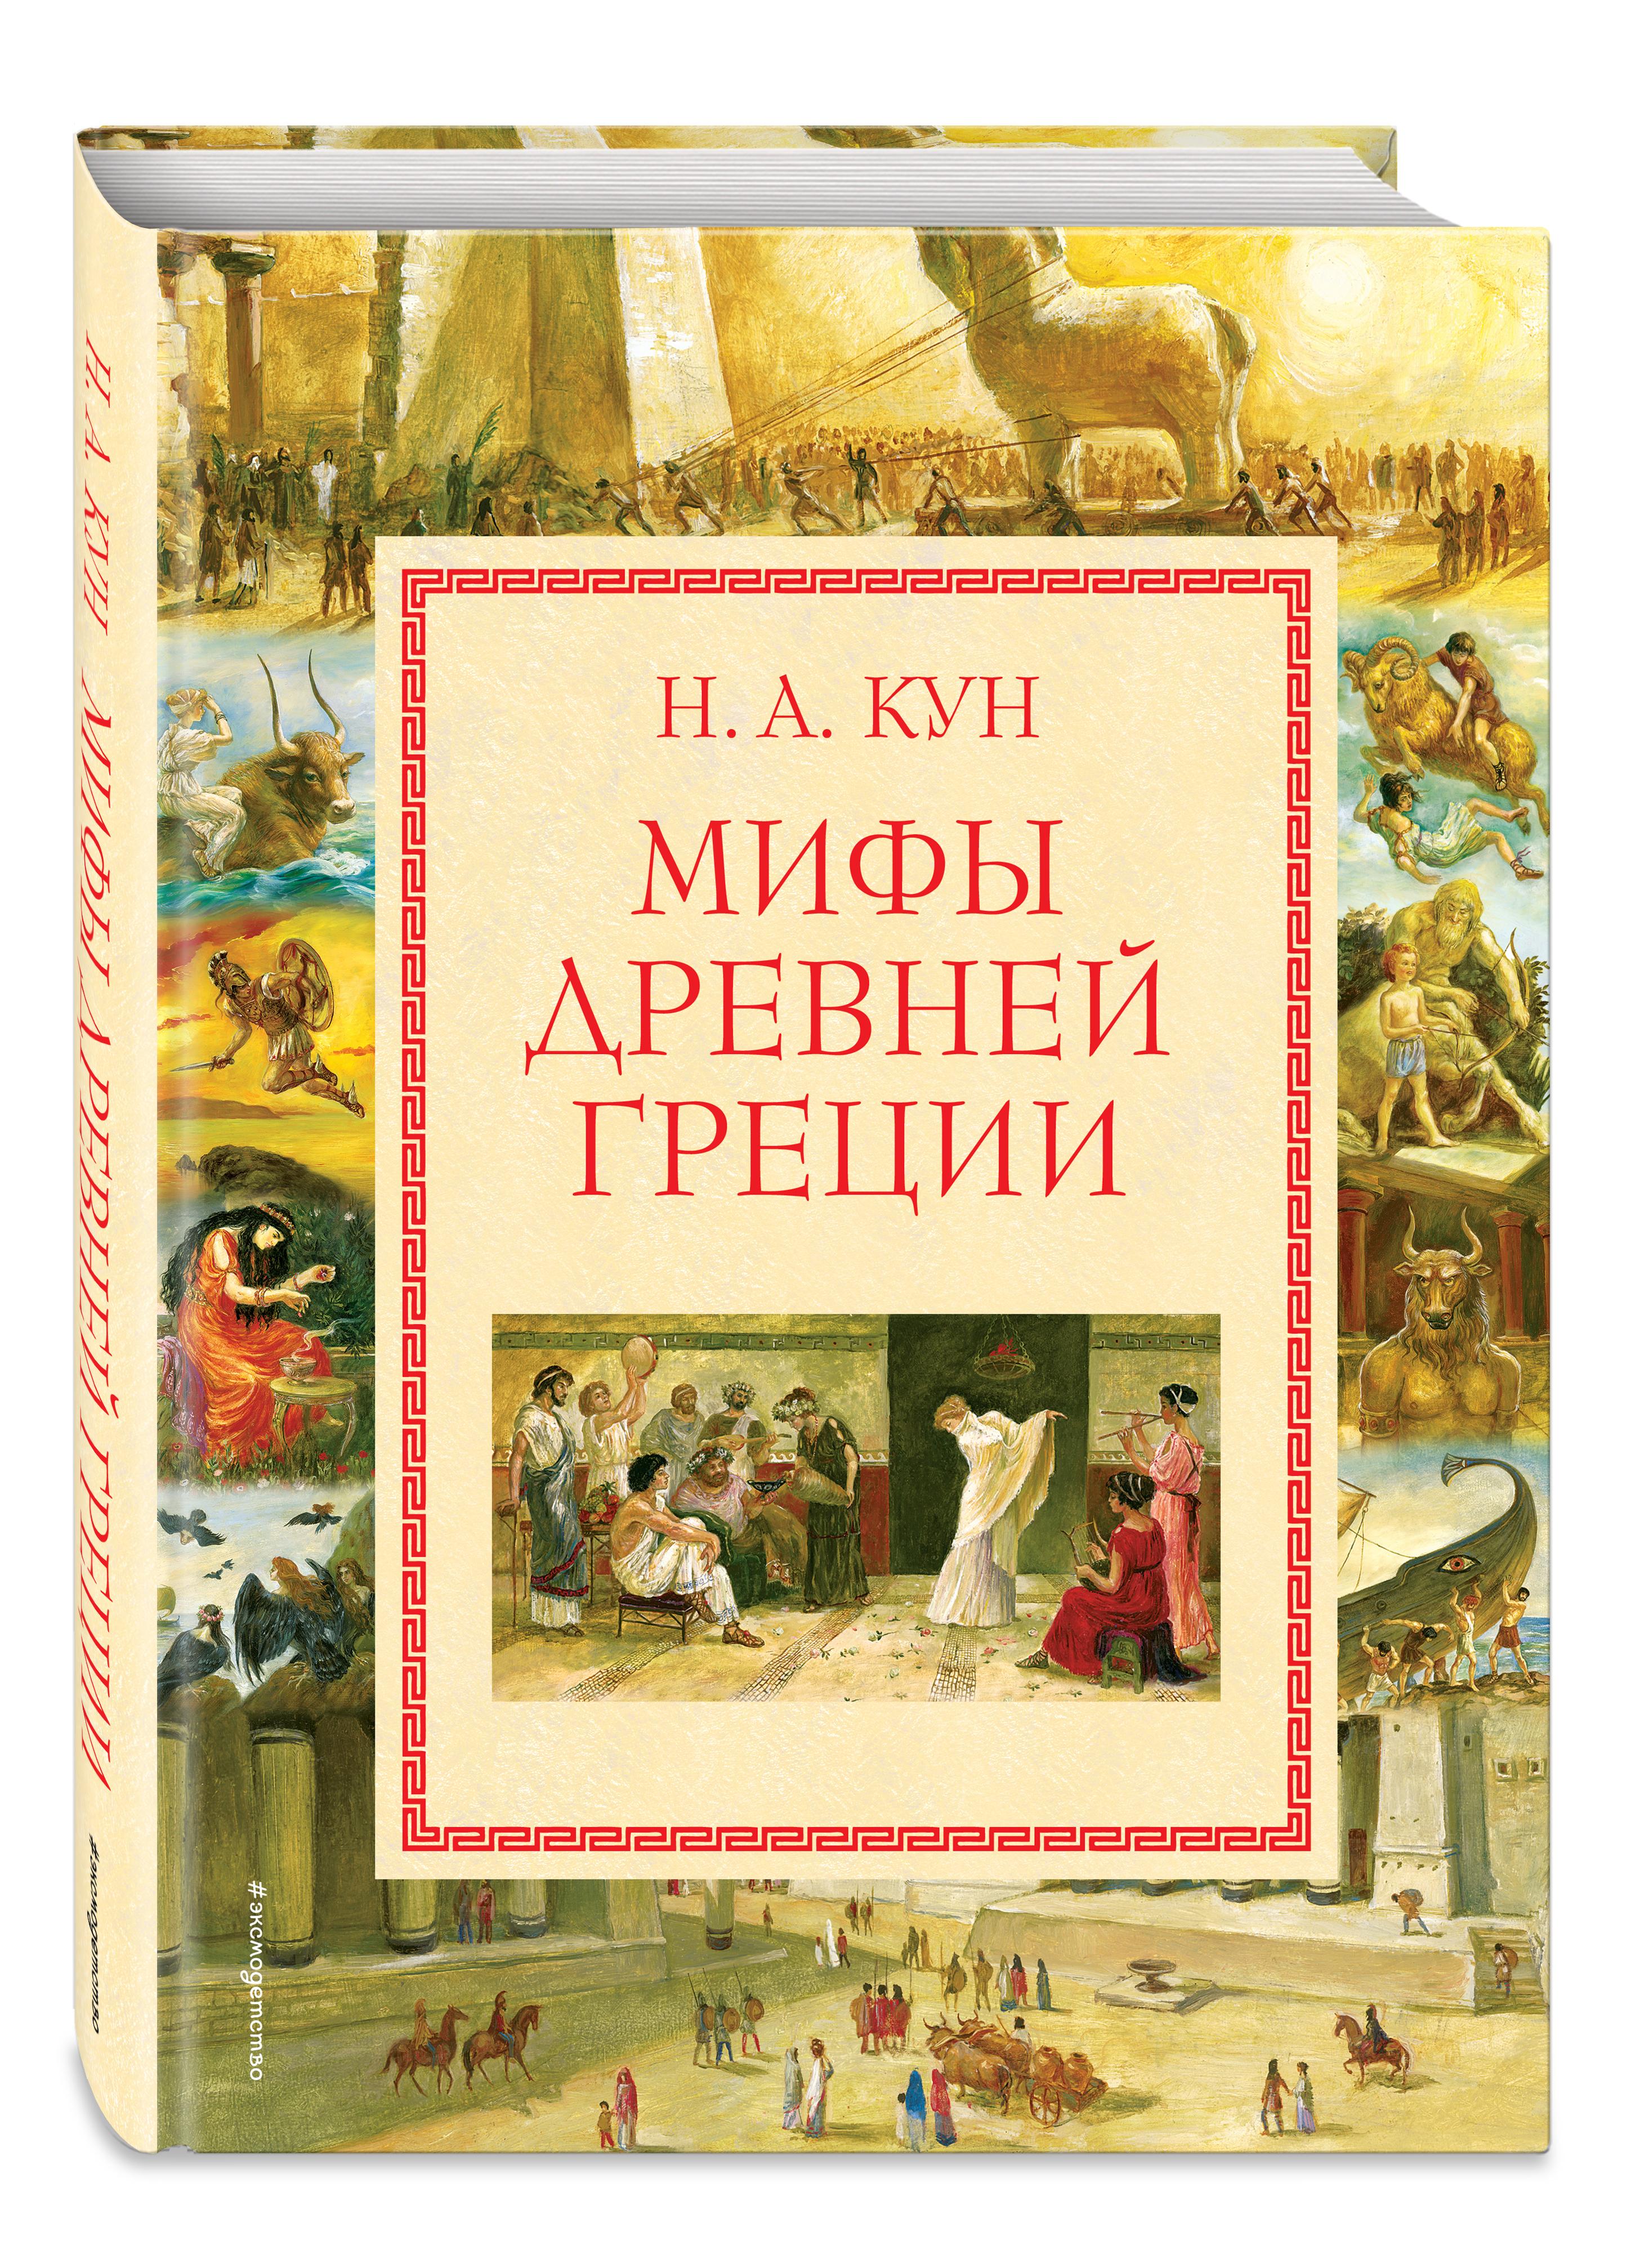 Н.А. Кун Мифы Древней Греции (мел.) (ил. А. Власовой)